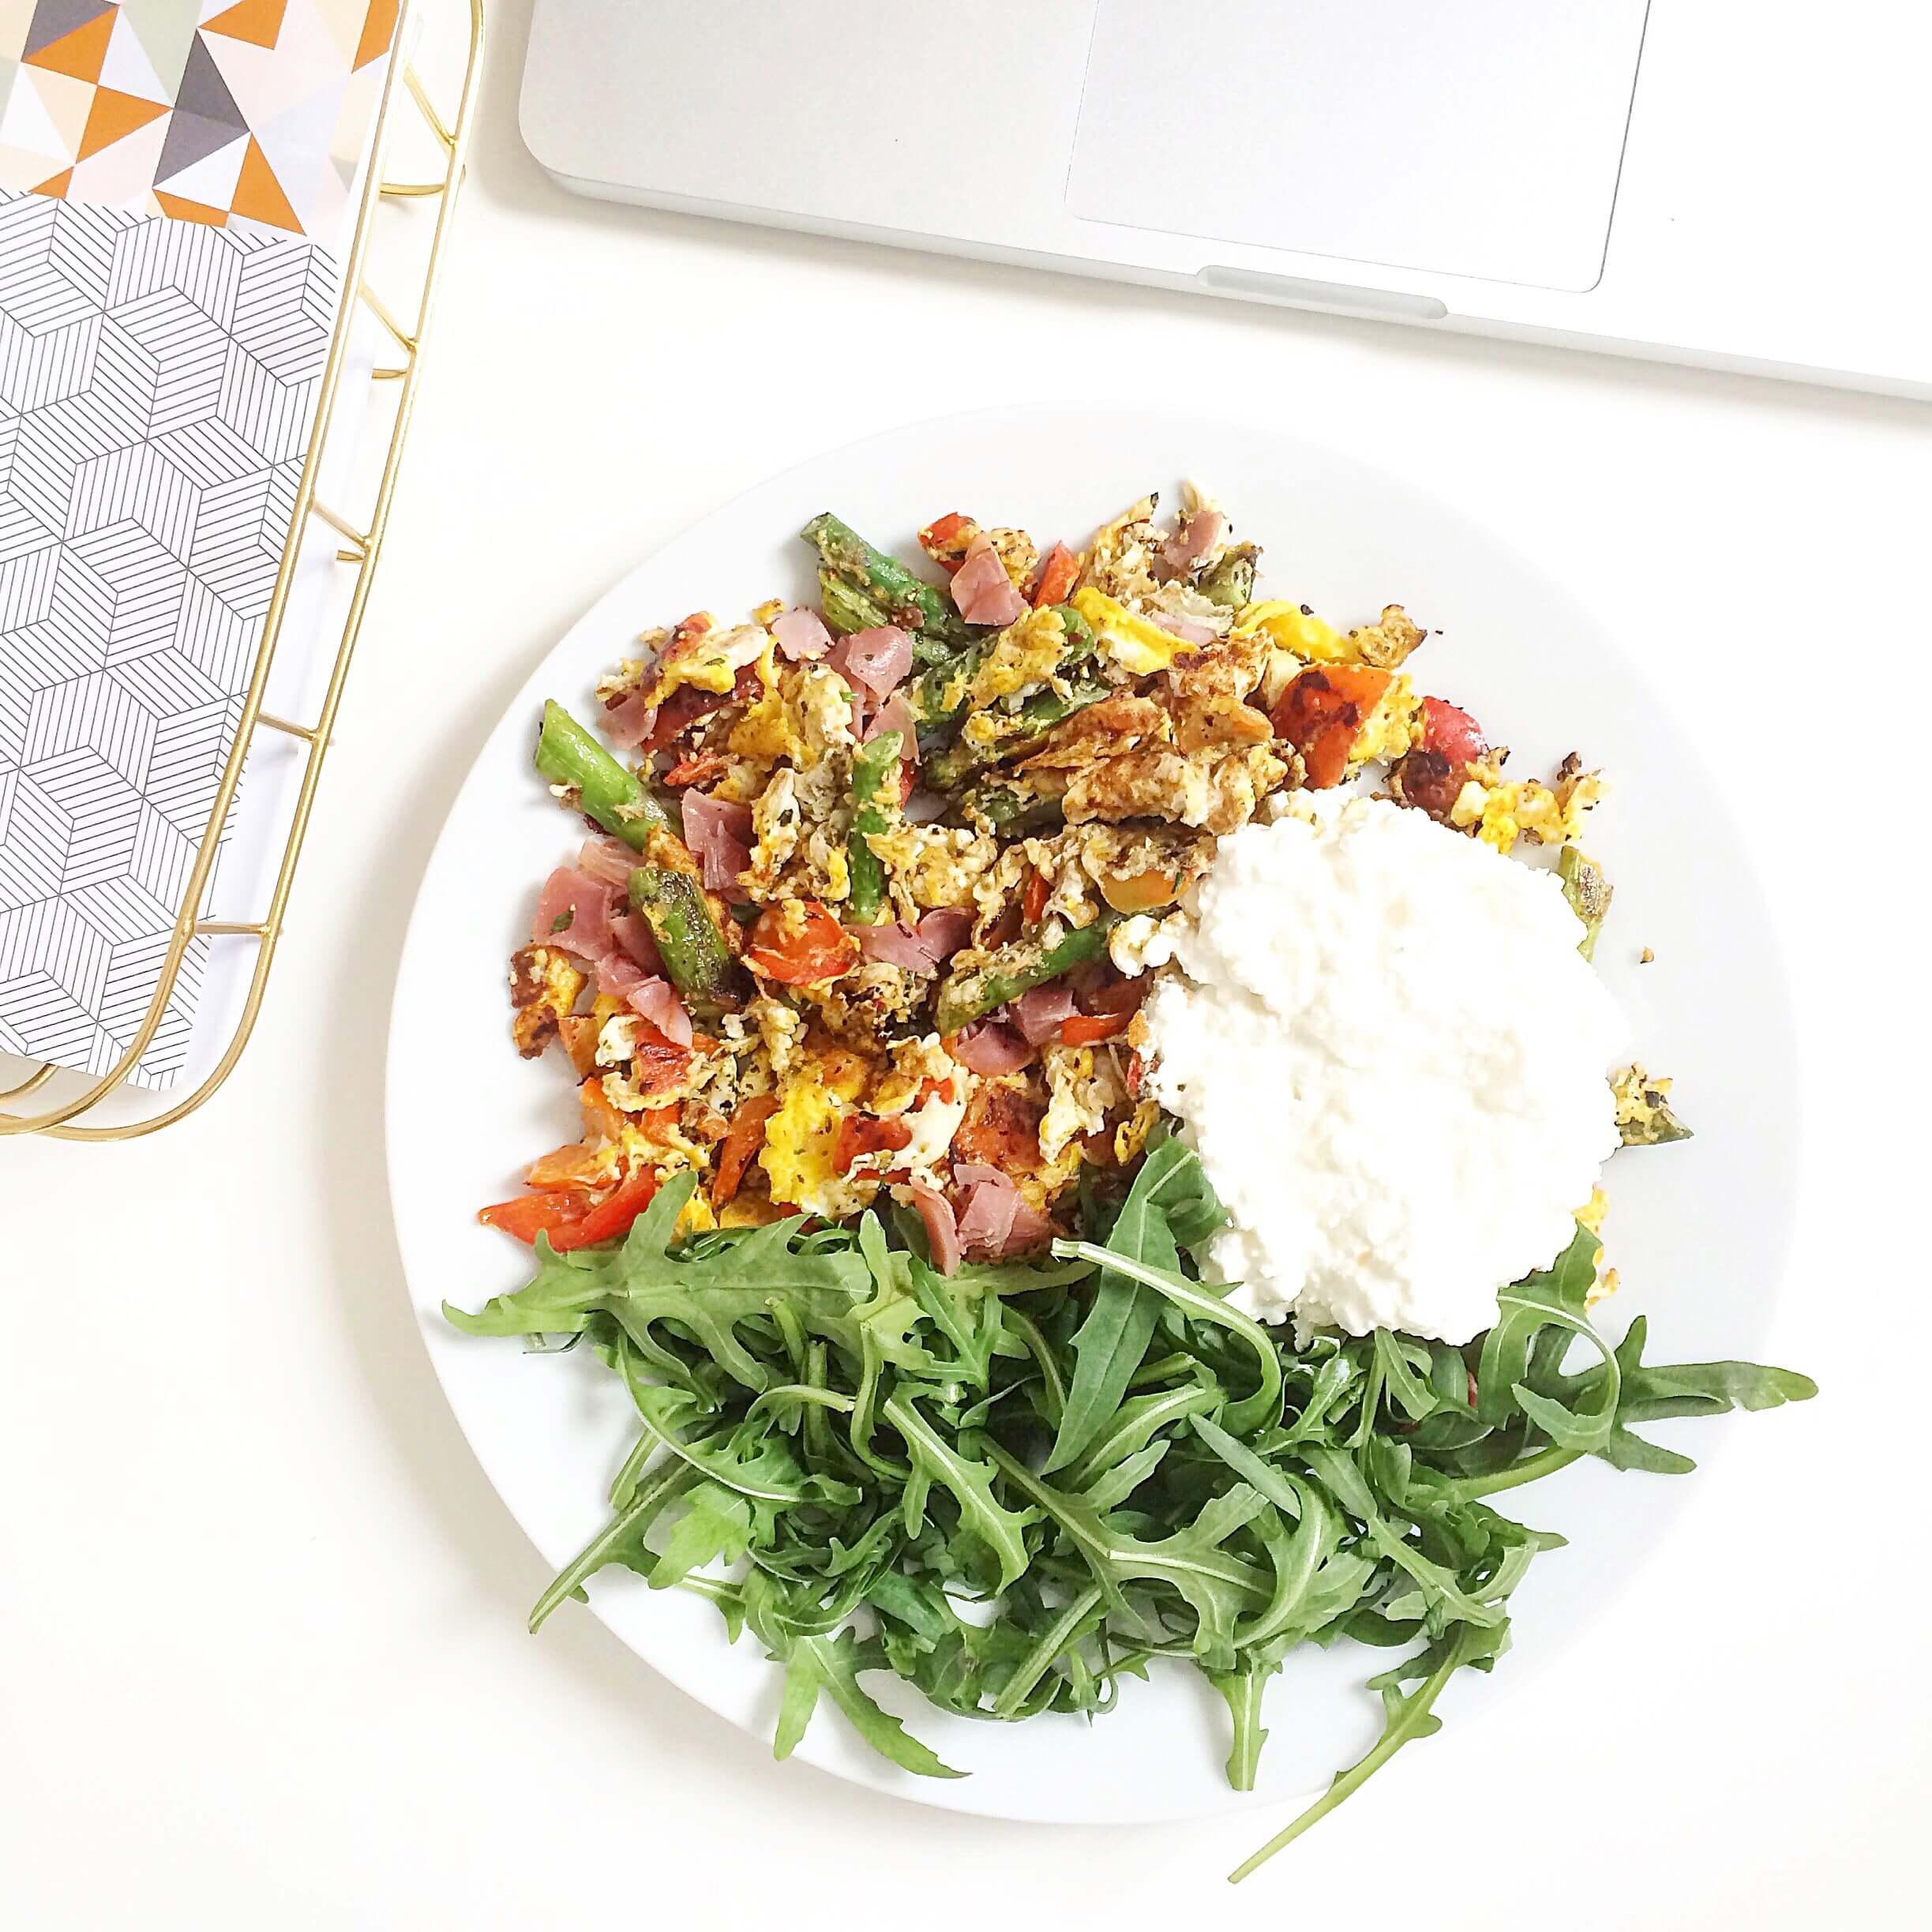 Scrambled_eggs_ruehrei_gemuese_veggie_salat